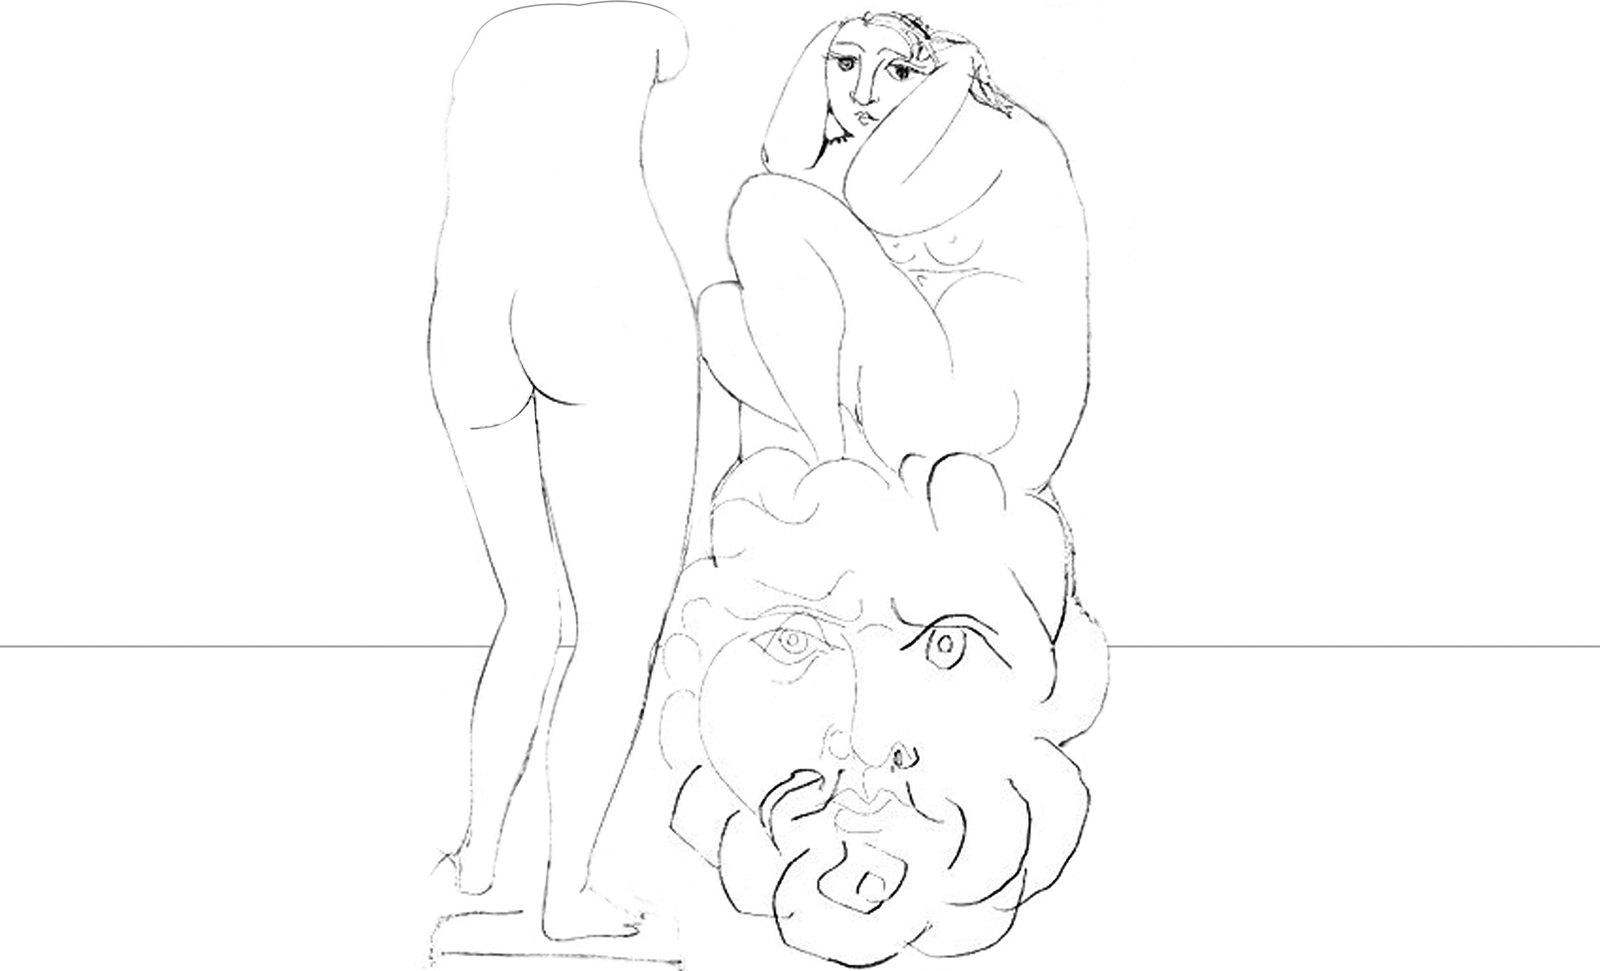 43Pablo Picasso